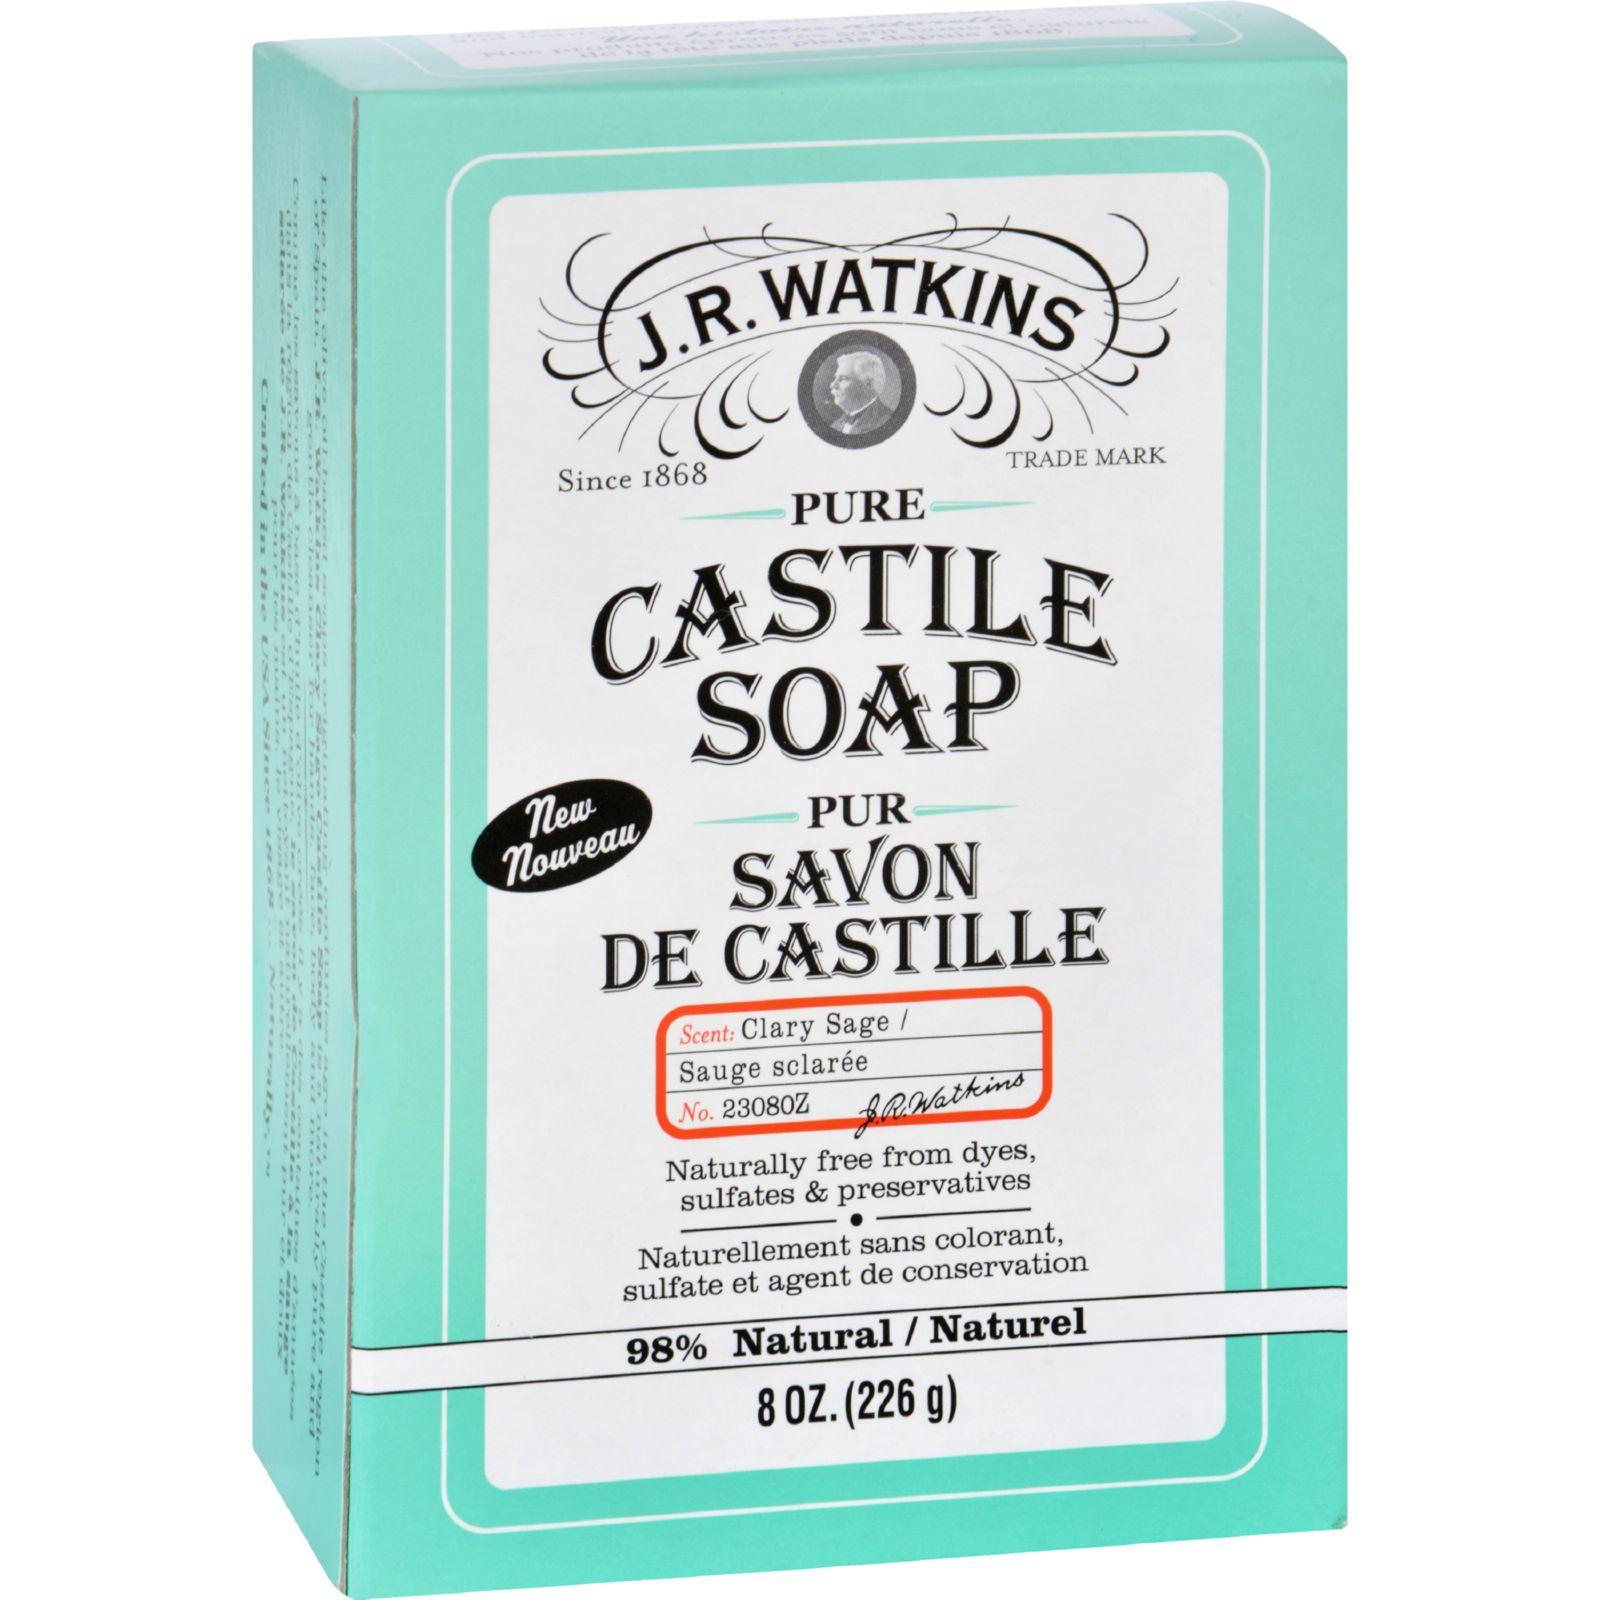 Bar Soap - Castile - Clary Sage - 8 oz